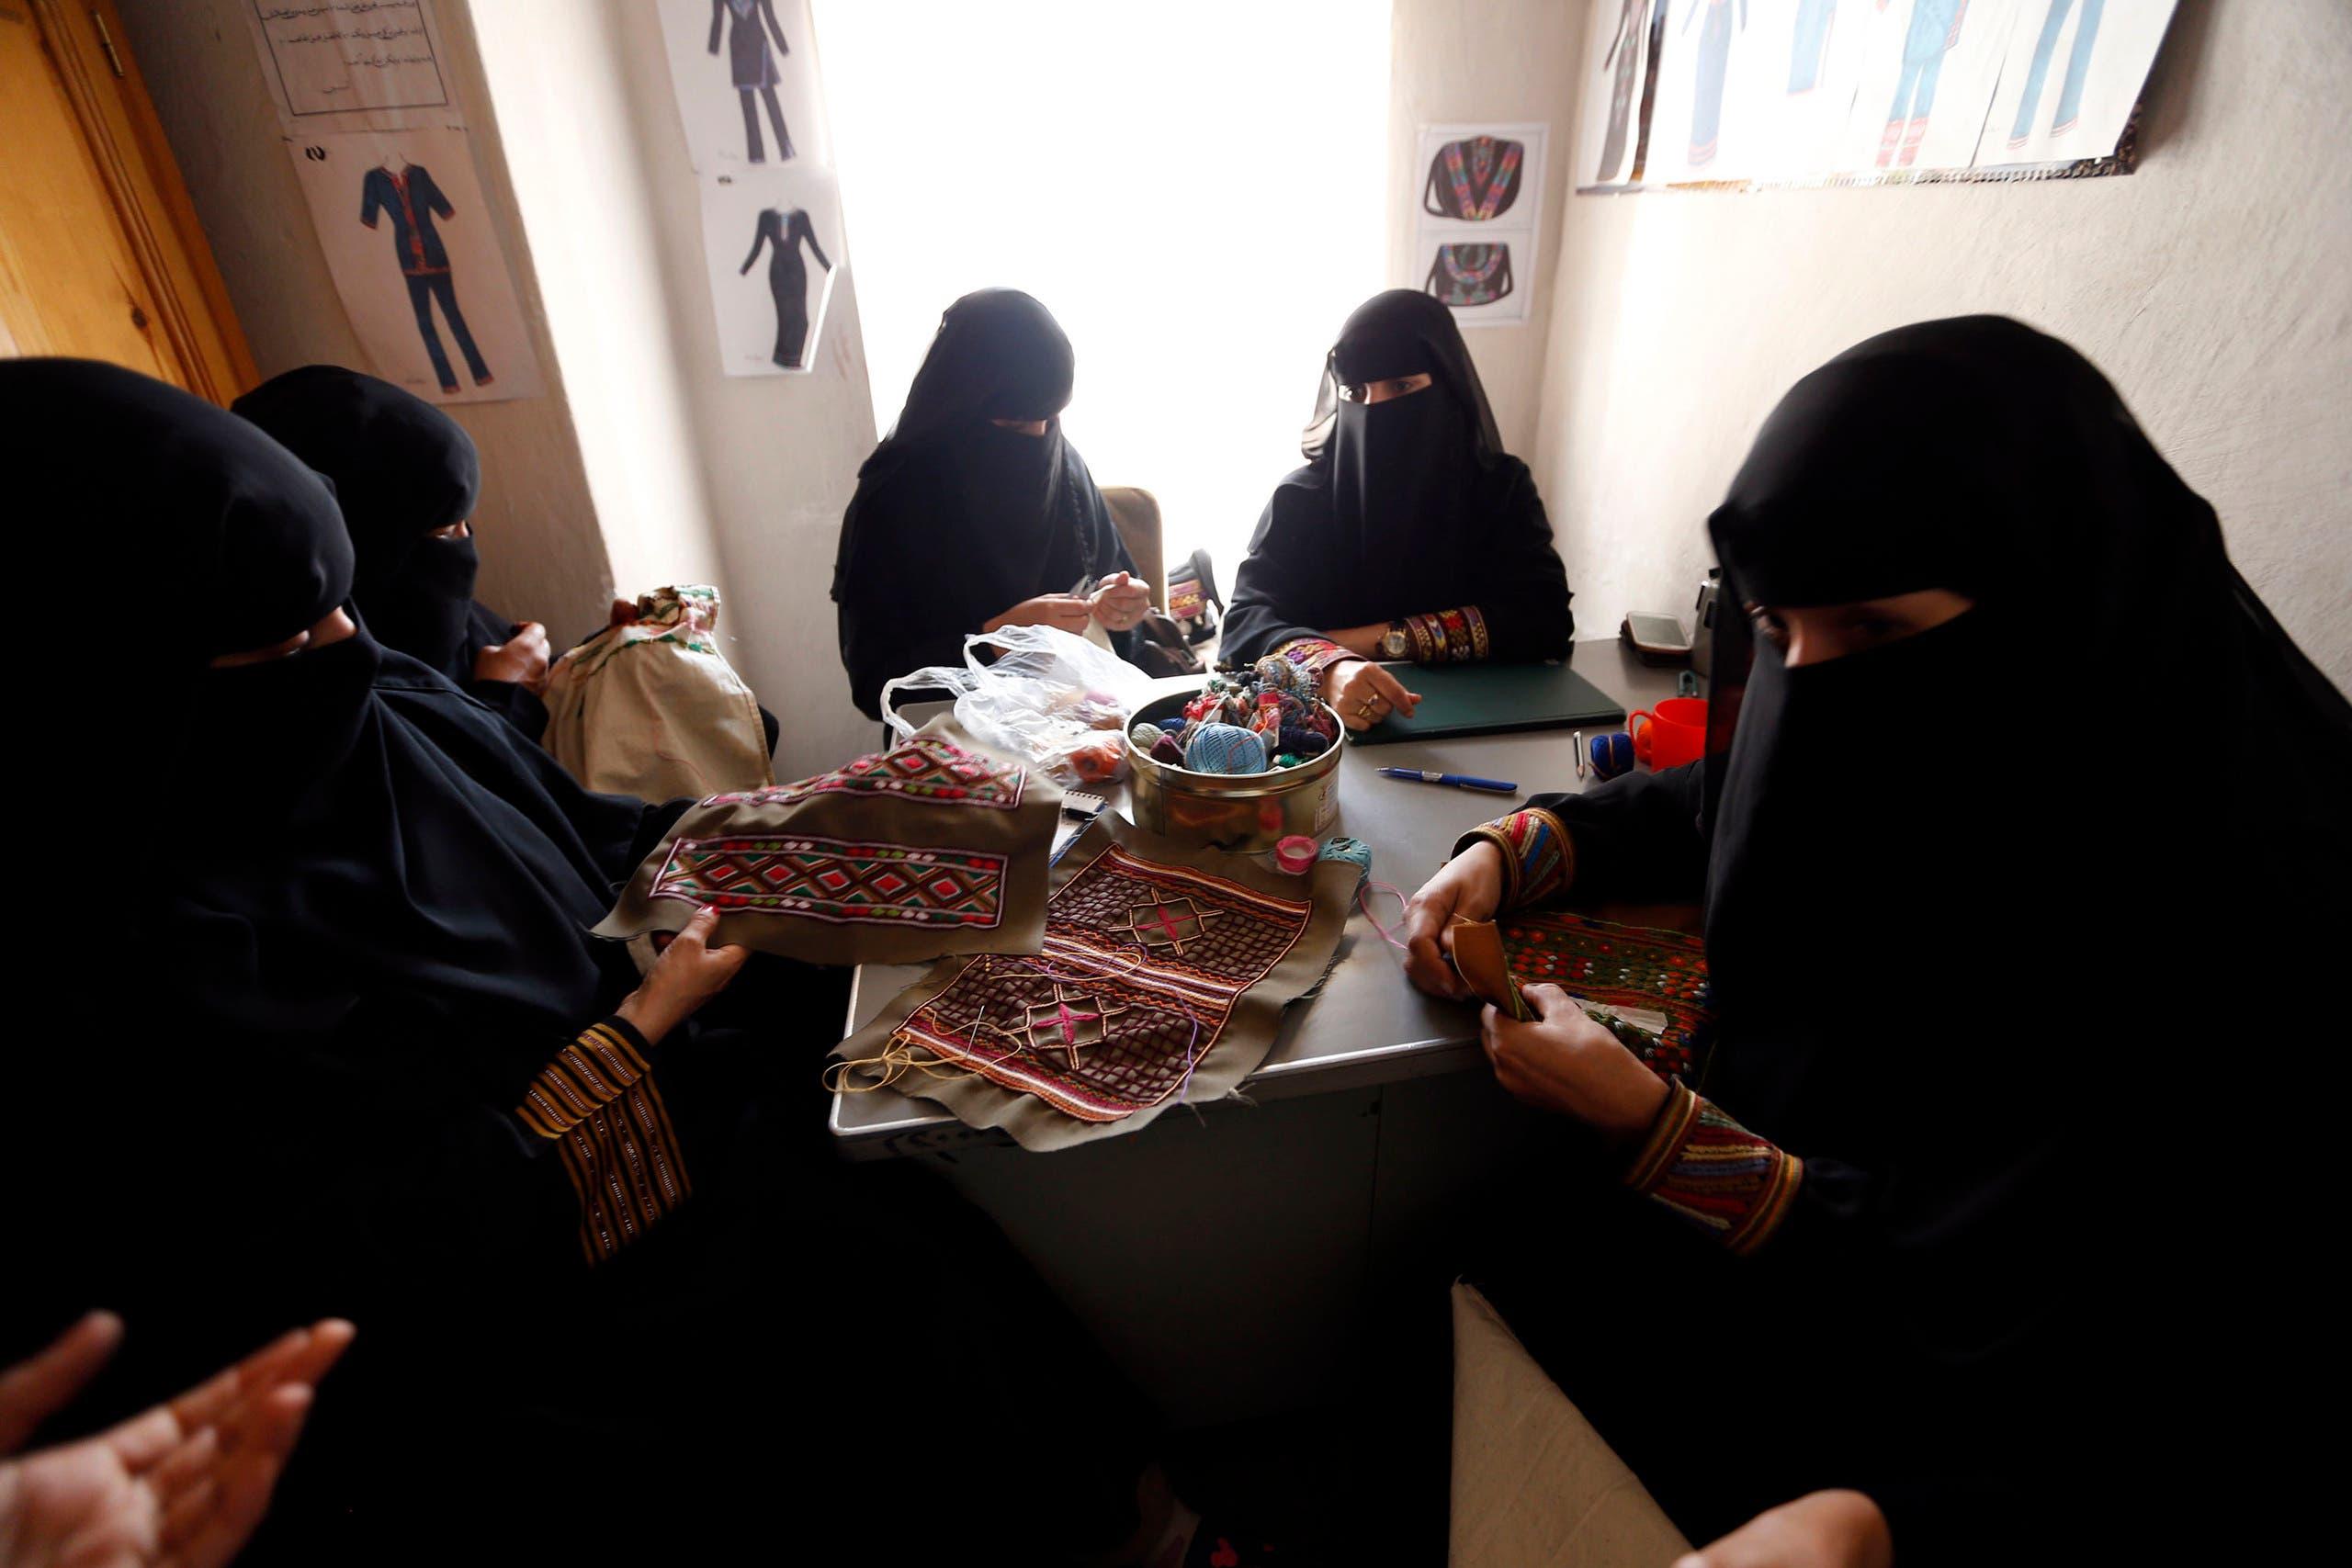 الحرف اليدوية التقليدية تستقطب الكثير من فتيات اليمن